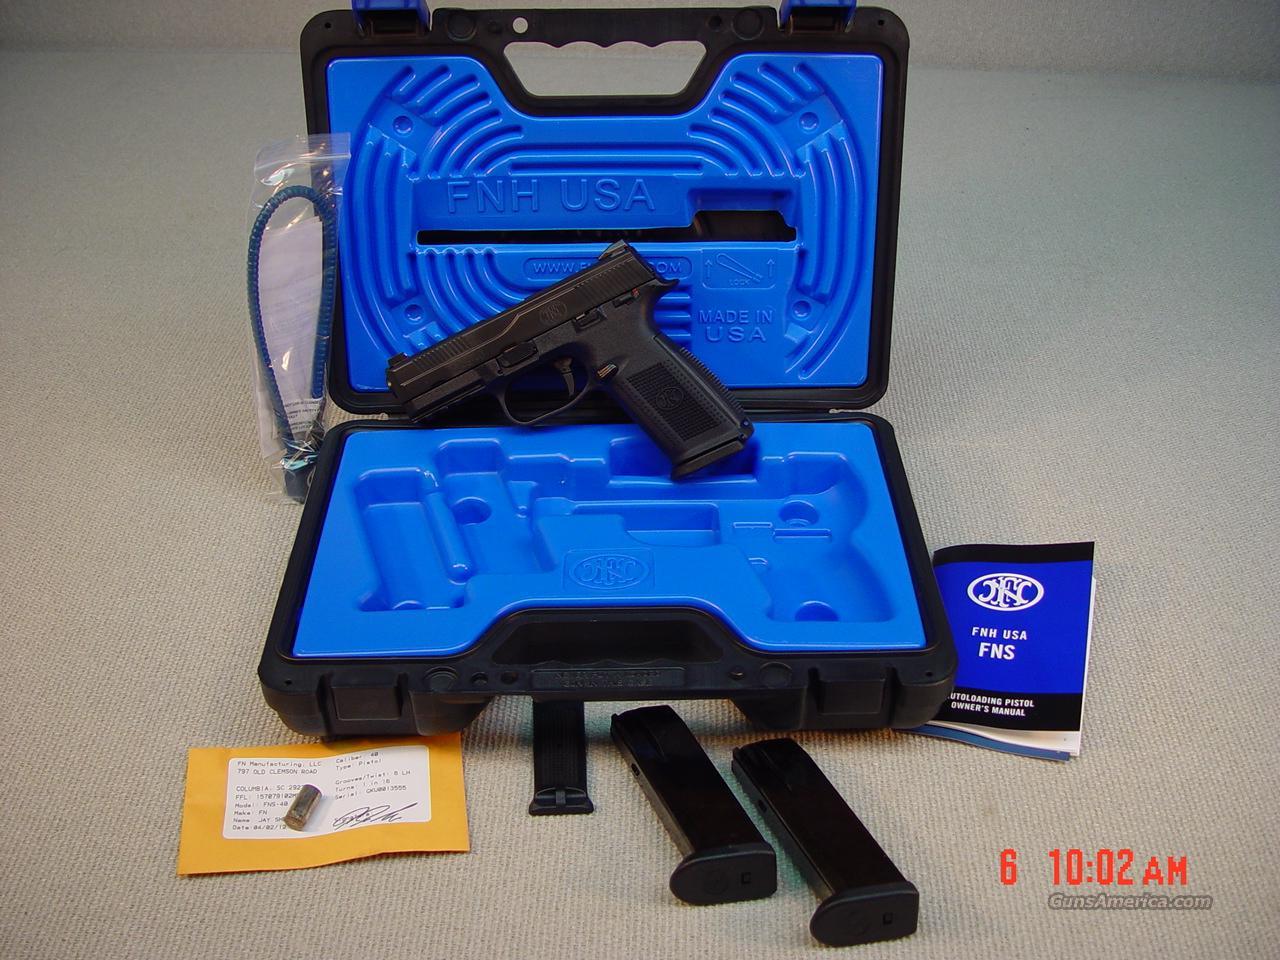 F N FNS 40 MS D 40 S&W   Guns > Pistols > FNH - Fabrique Nationale (FN) Pistols > FNP